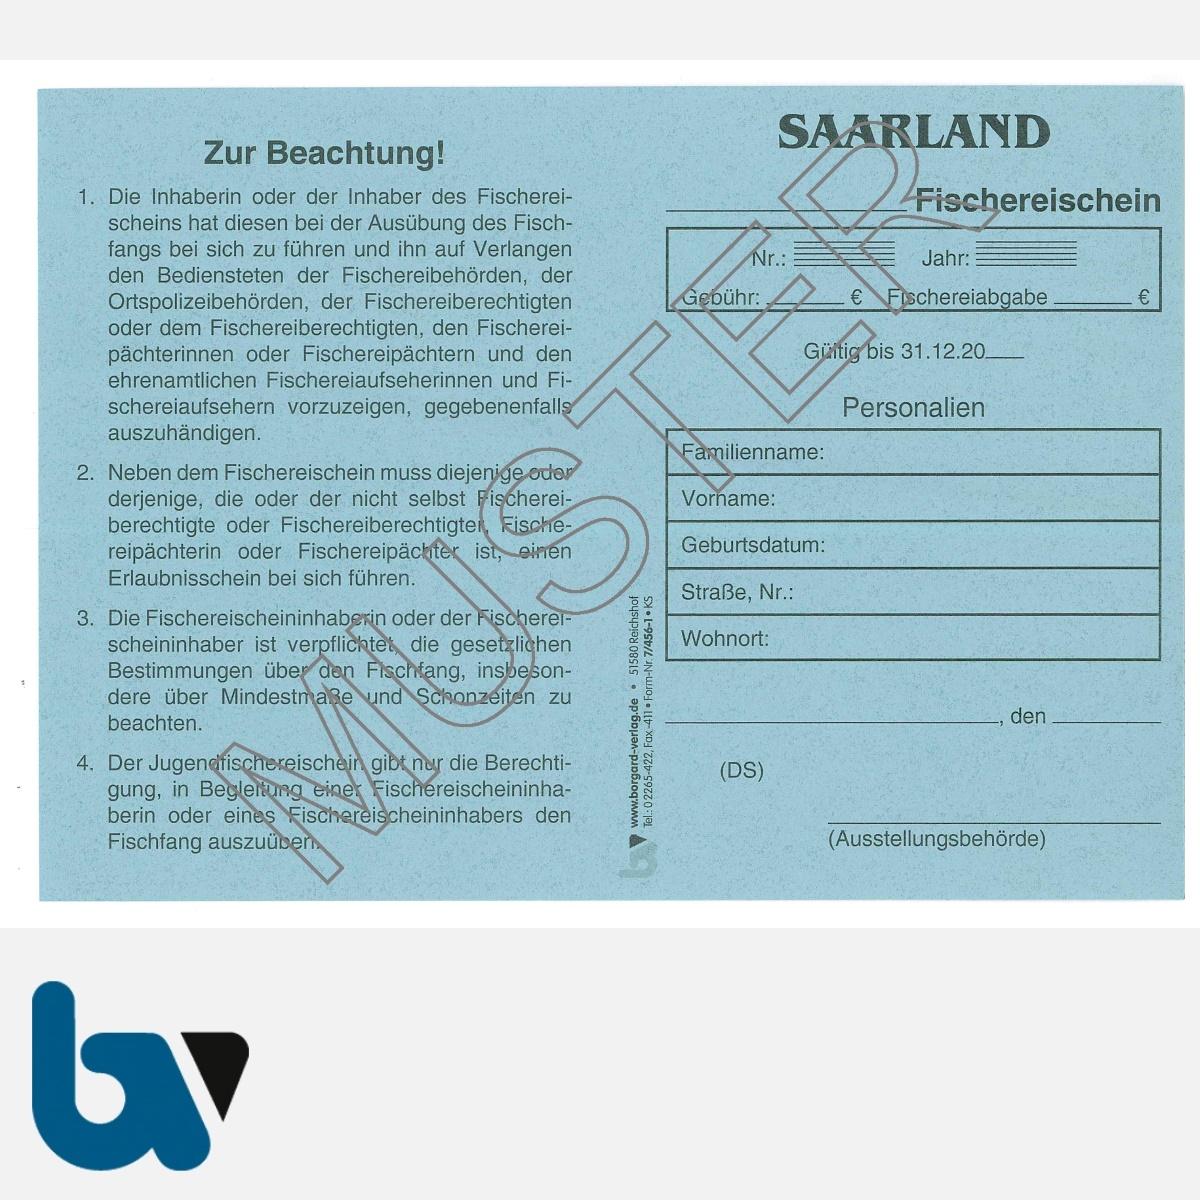 7/456-1 Fischereischein Saarland blau Neobond Muster VS   Borgard Verlag GmbH